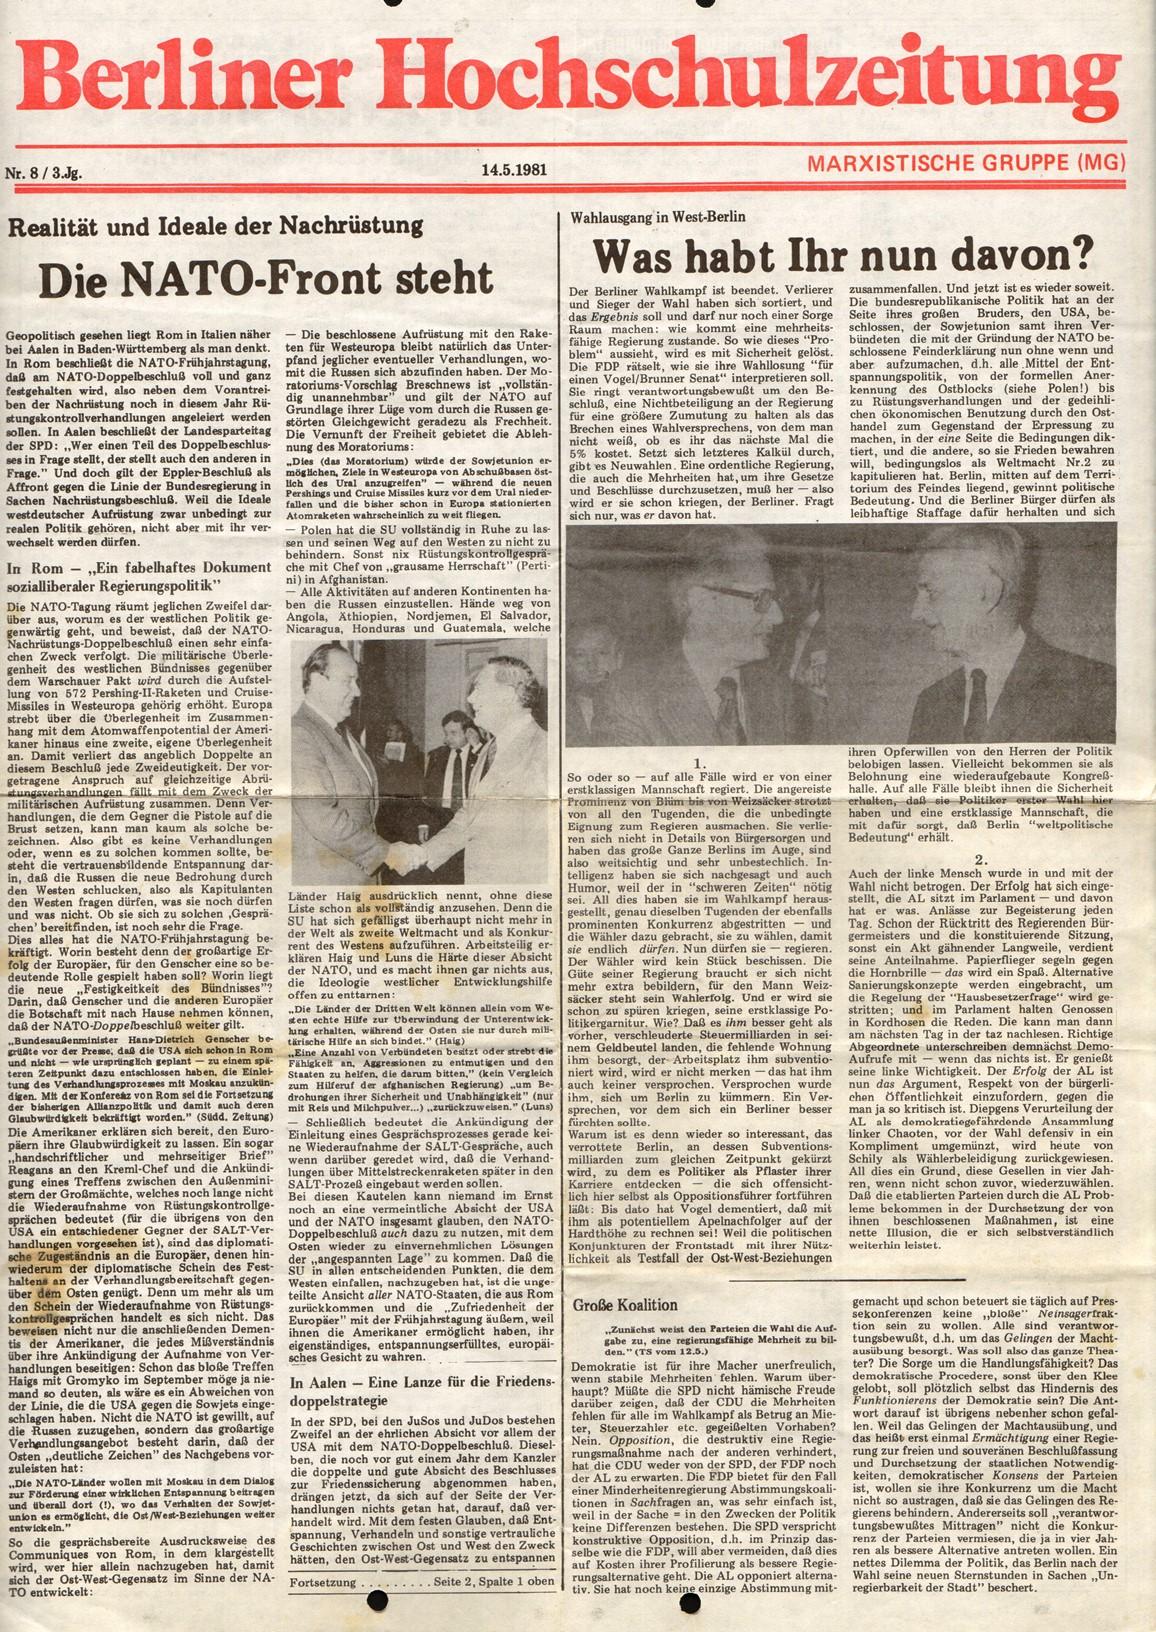 Berlin_MG_Hochschulzeitung_19810514_01